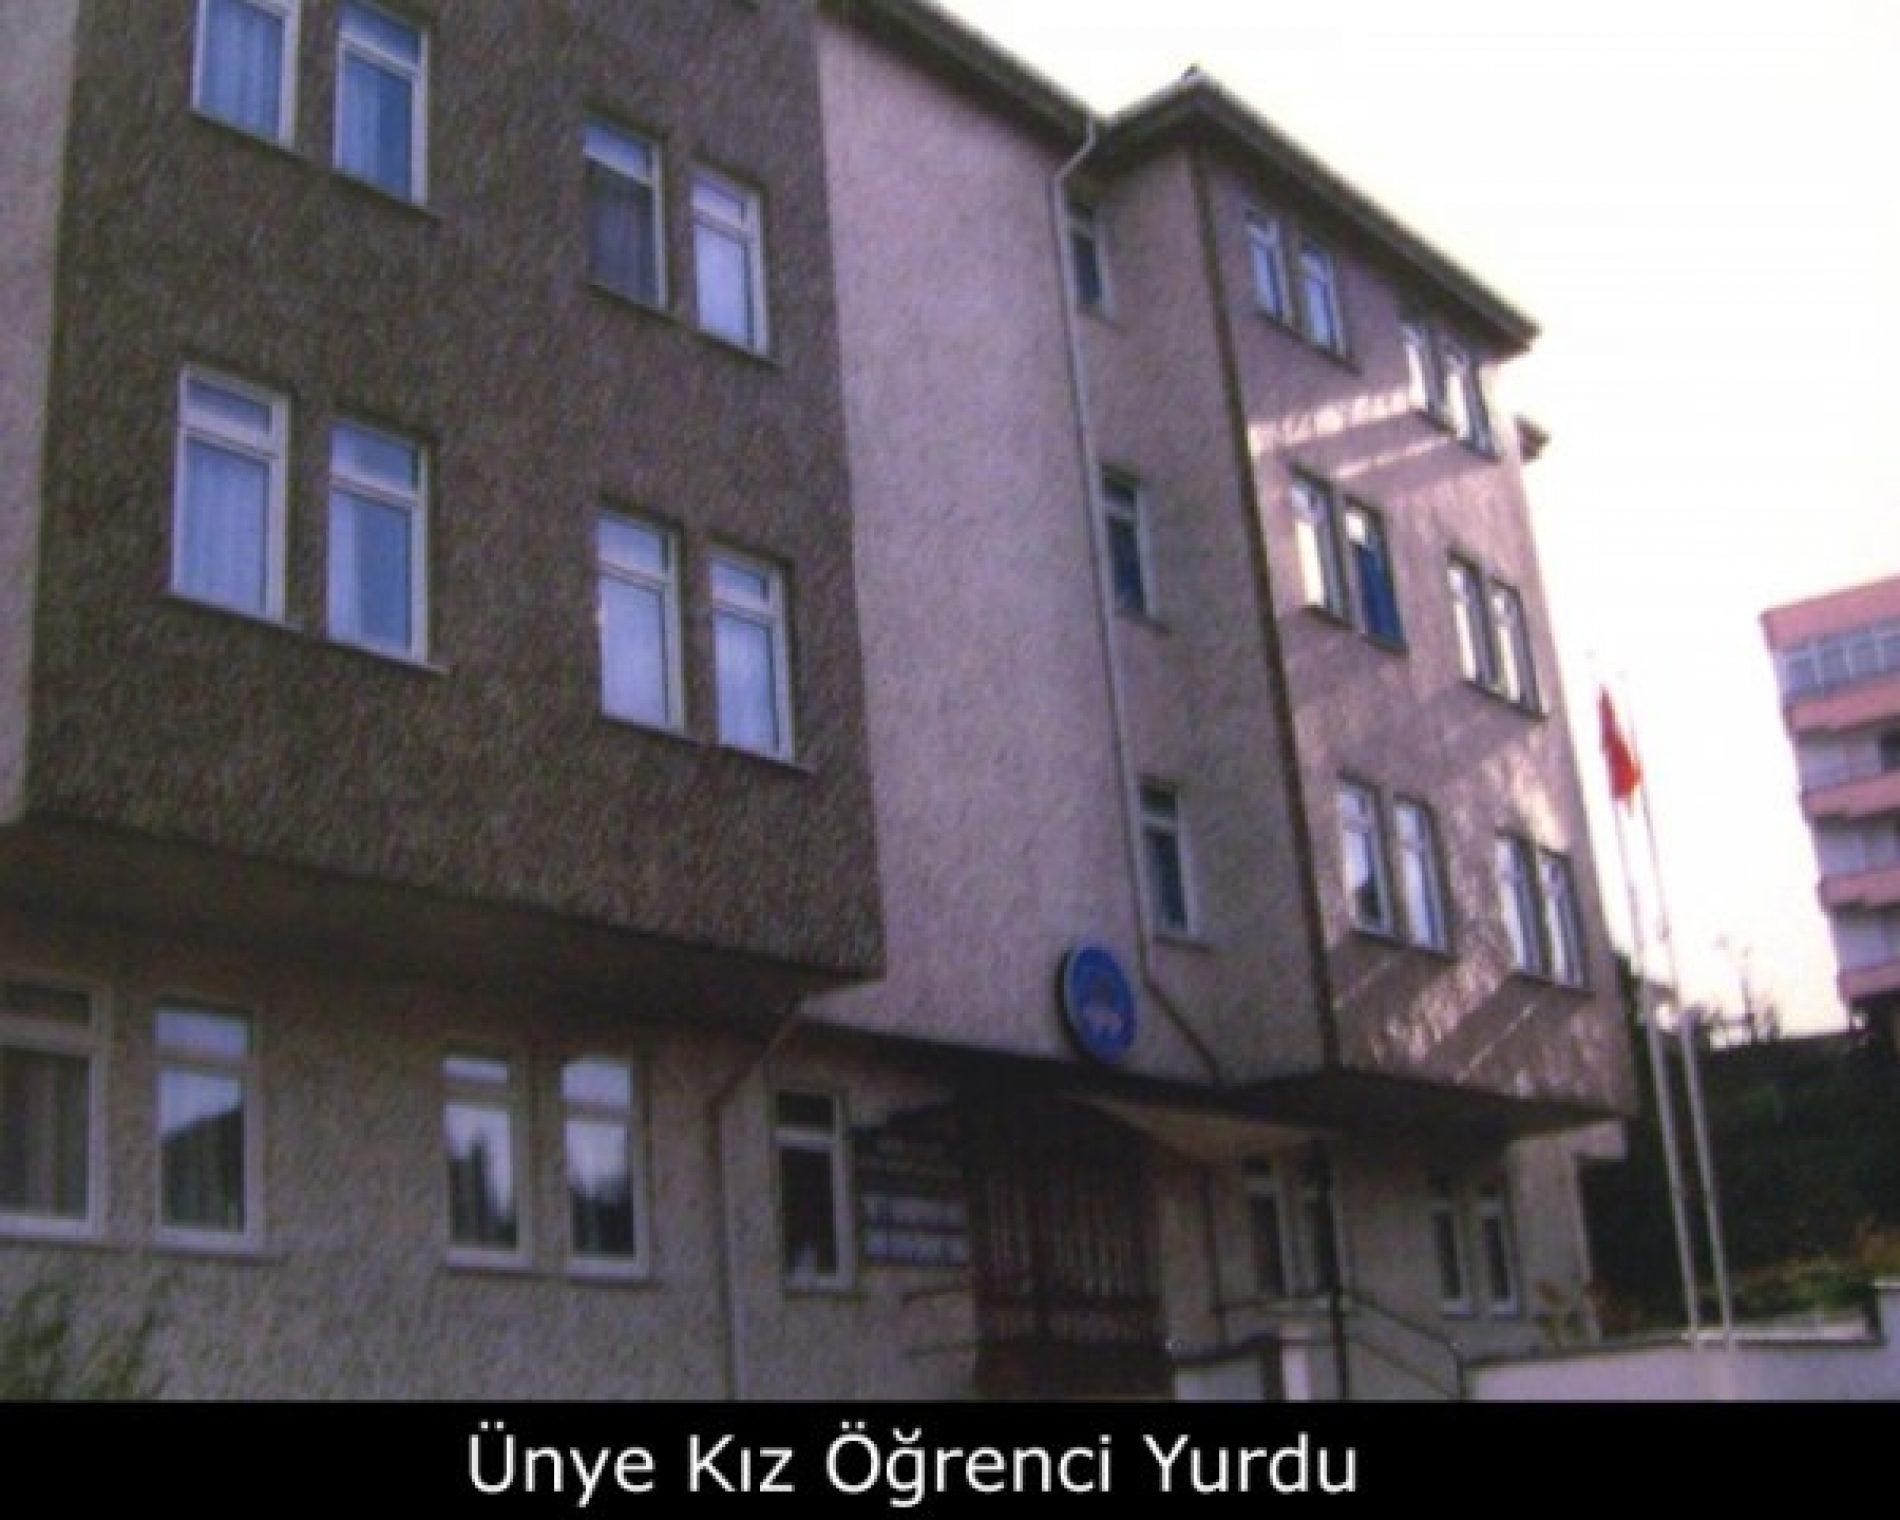 TYSD Ünye Kız Öğrenci Yurdu